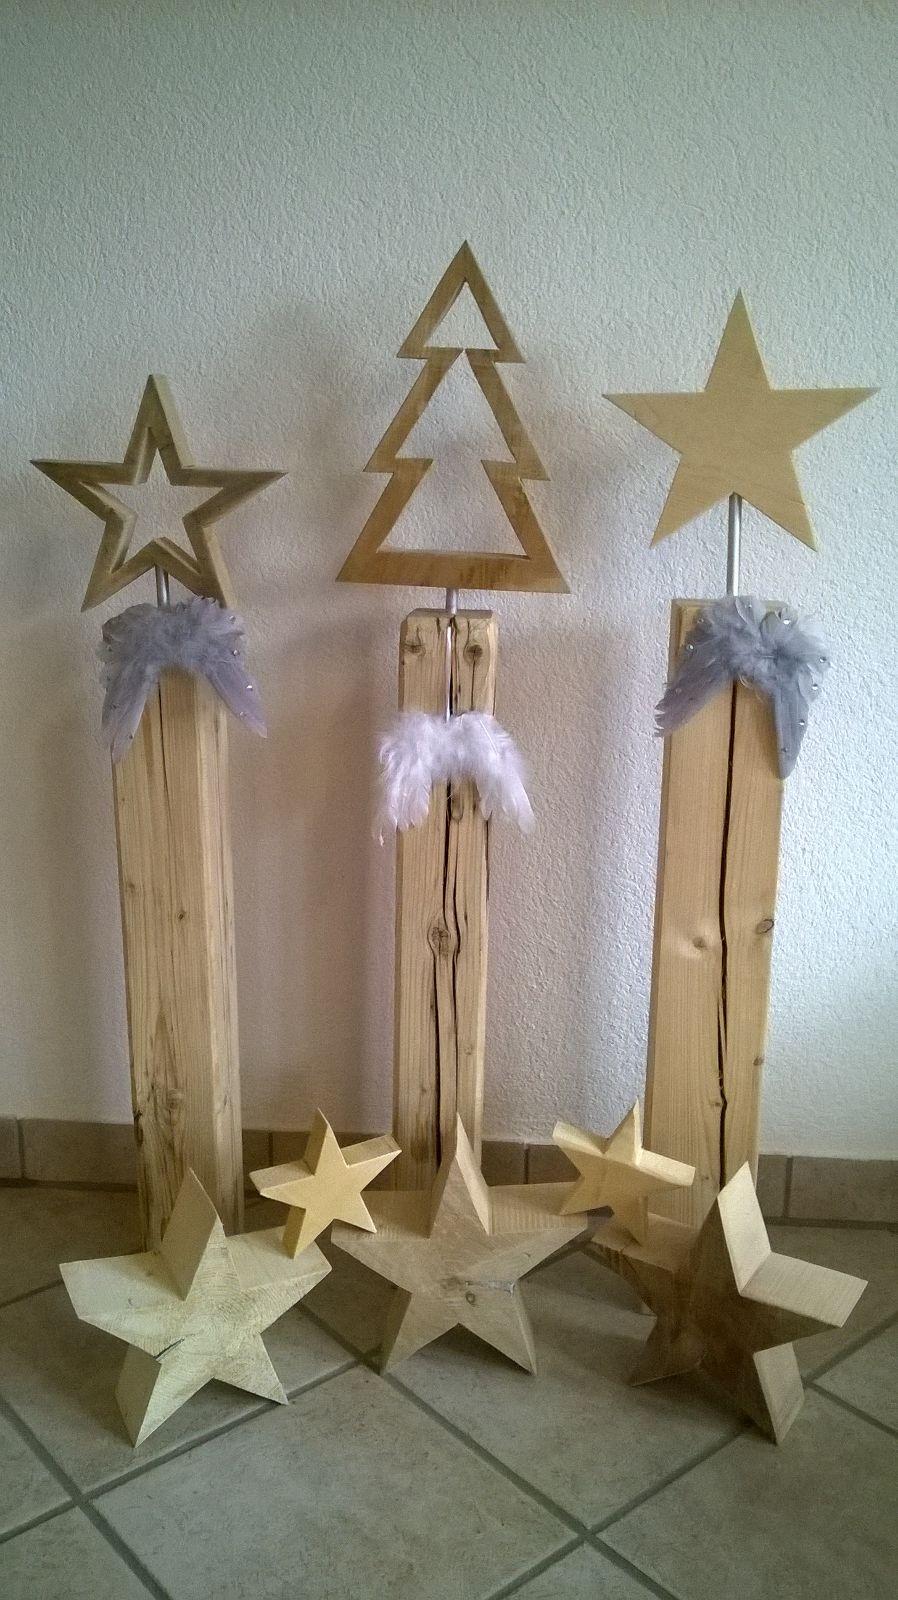 EchtHolzIdeen  Ideen aus Holz  Weihnachten